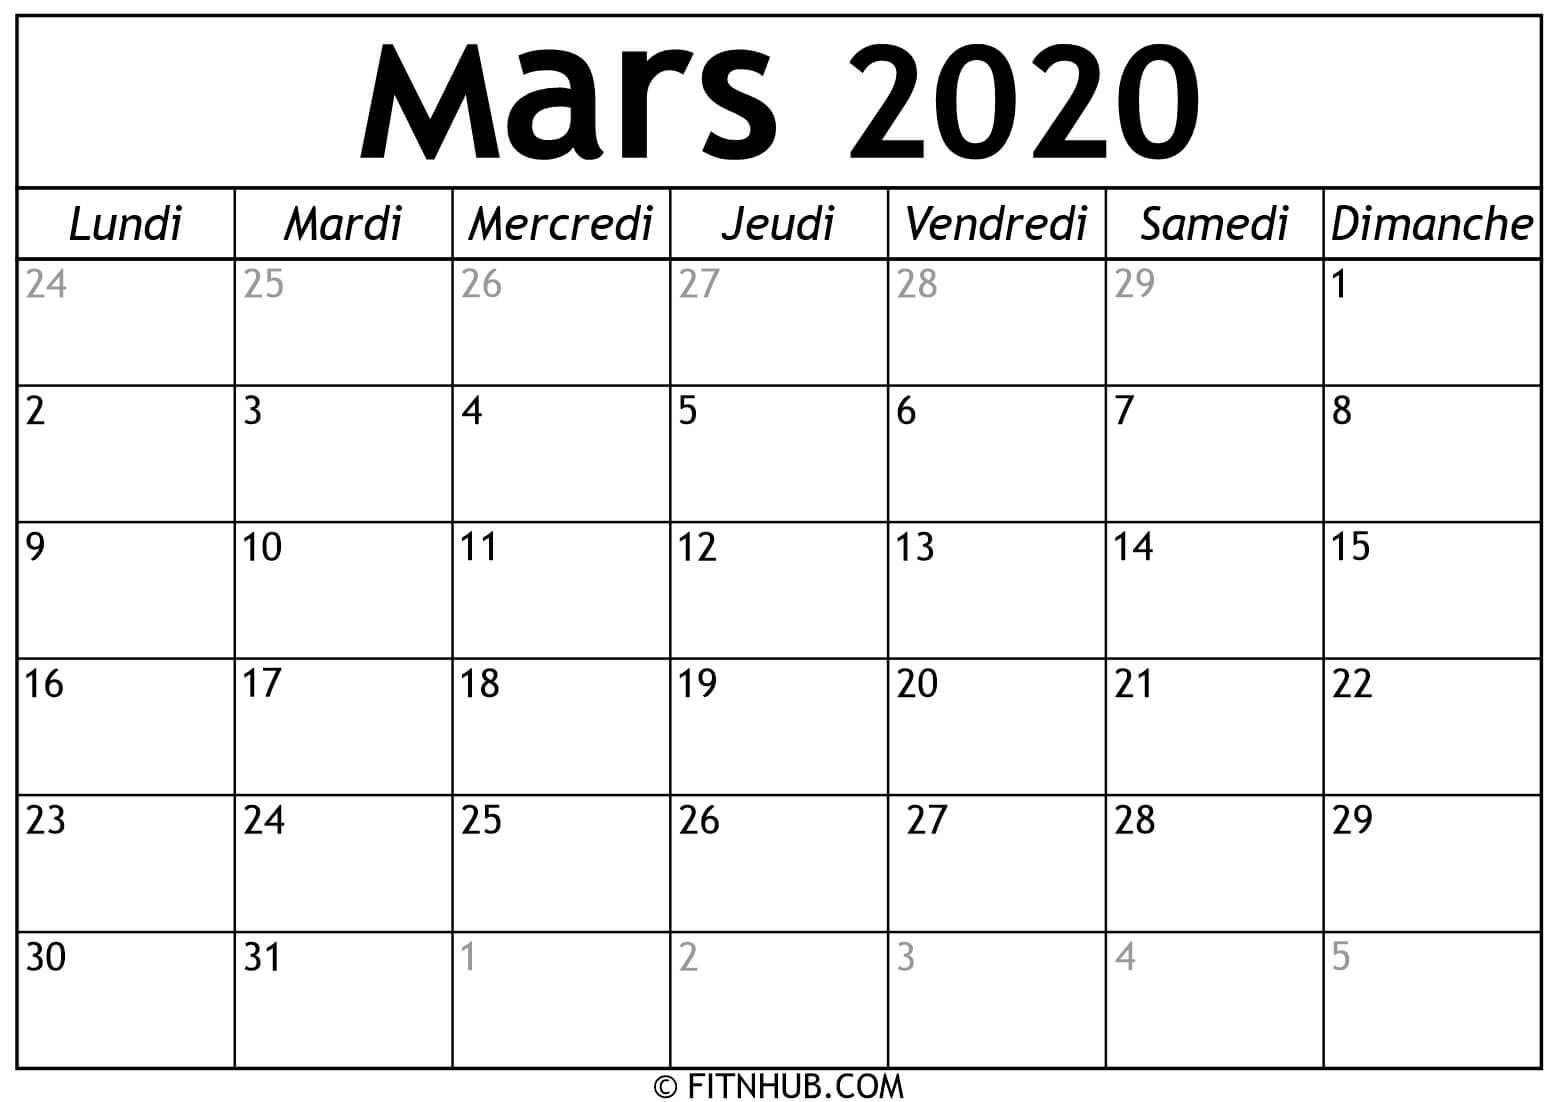 Calendrier Mars 2020 À Imprimer - Calendrier 2020 À Imprimer tout Calendrier Anniversaire À Imprimer